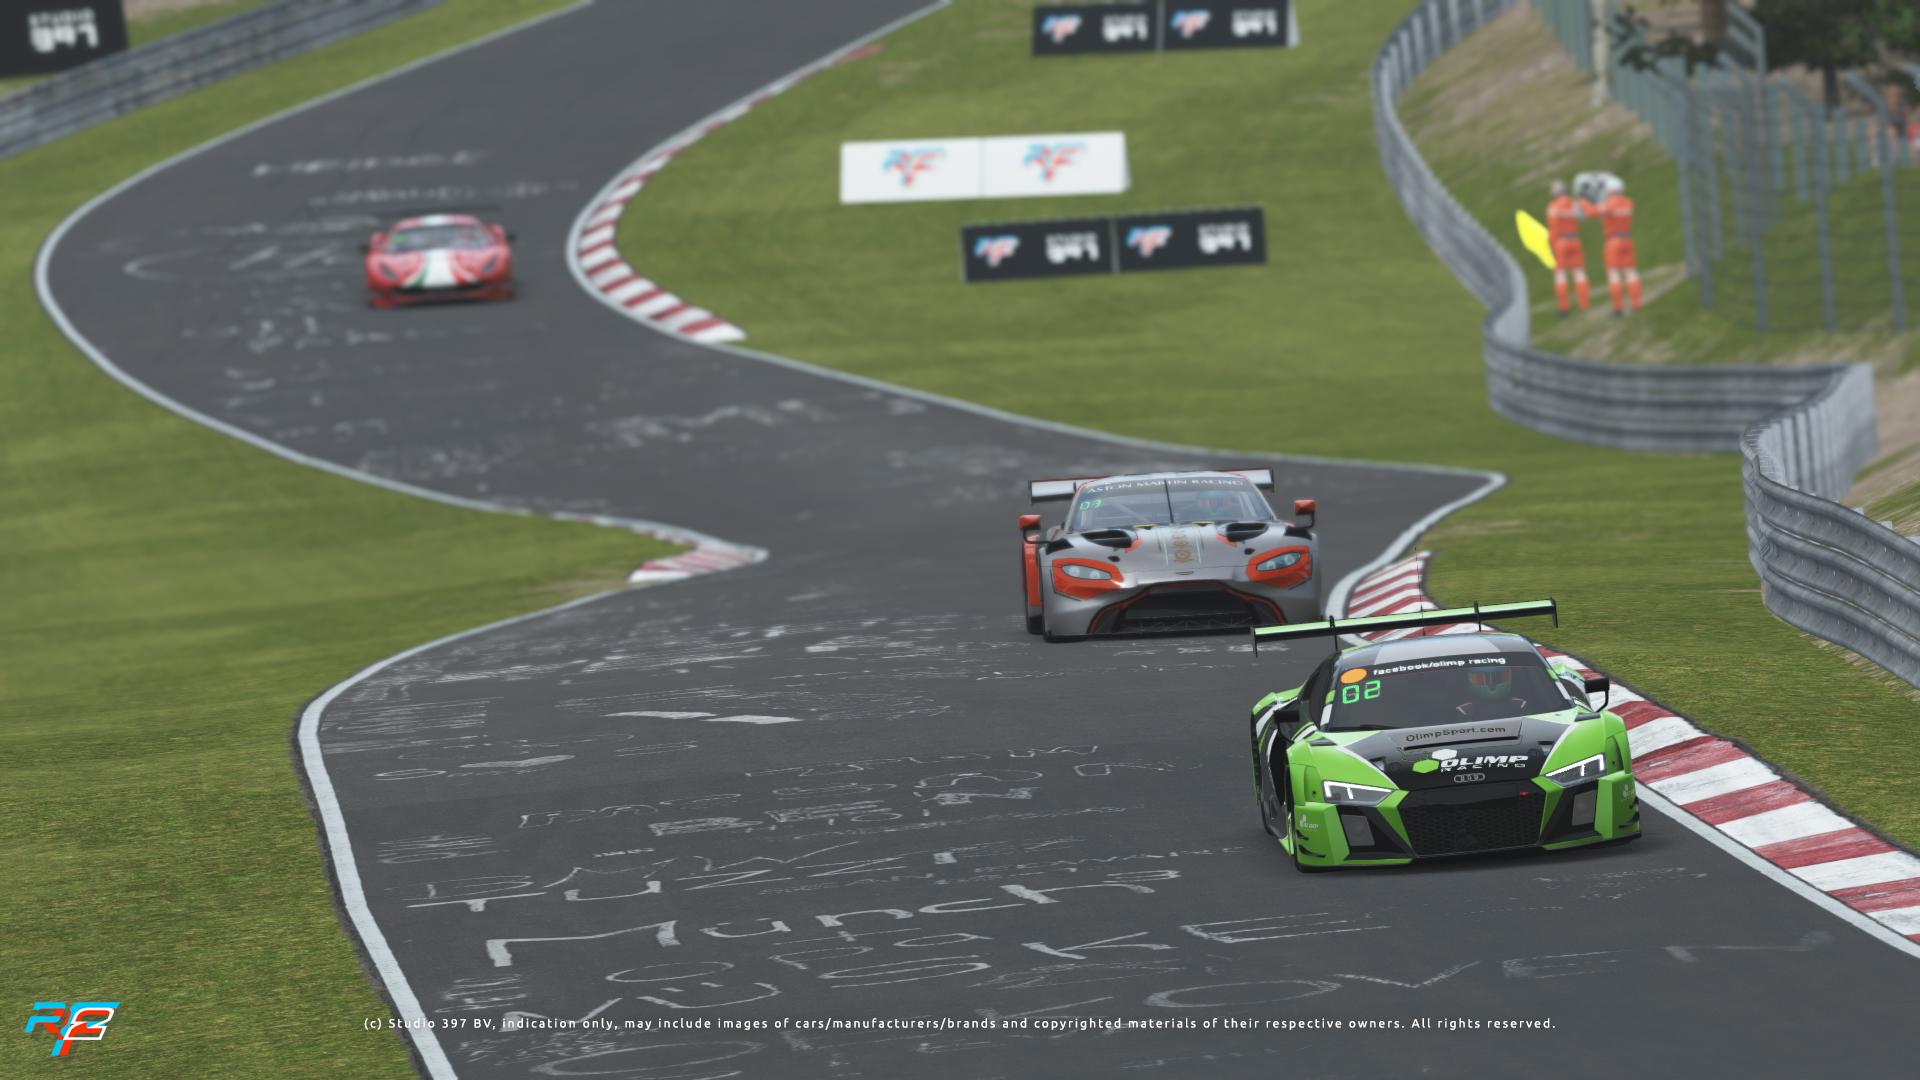 nurburgring_2020_october_screen_07.jpg